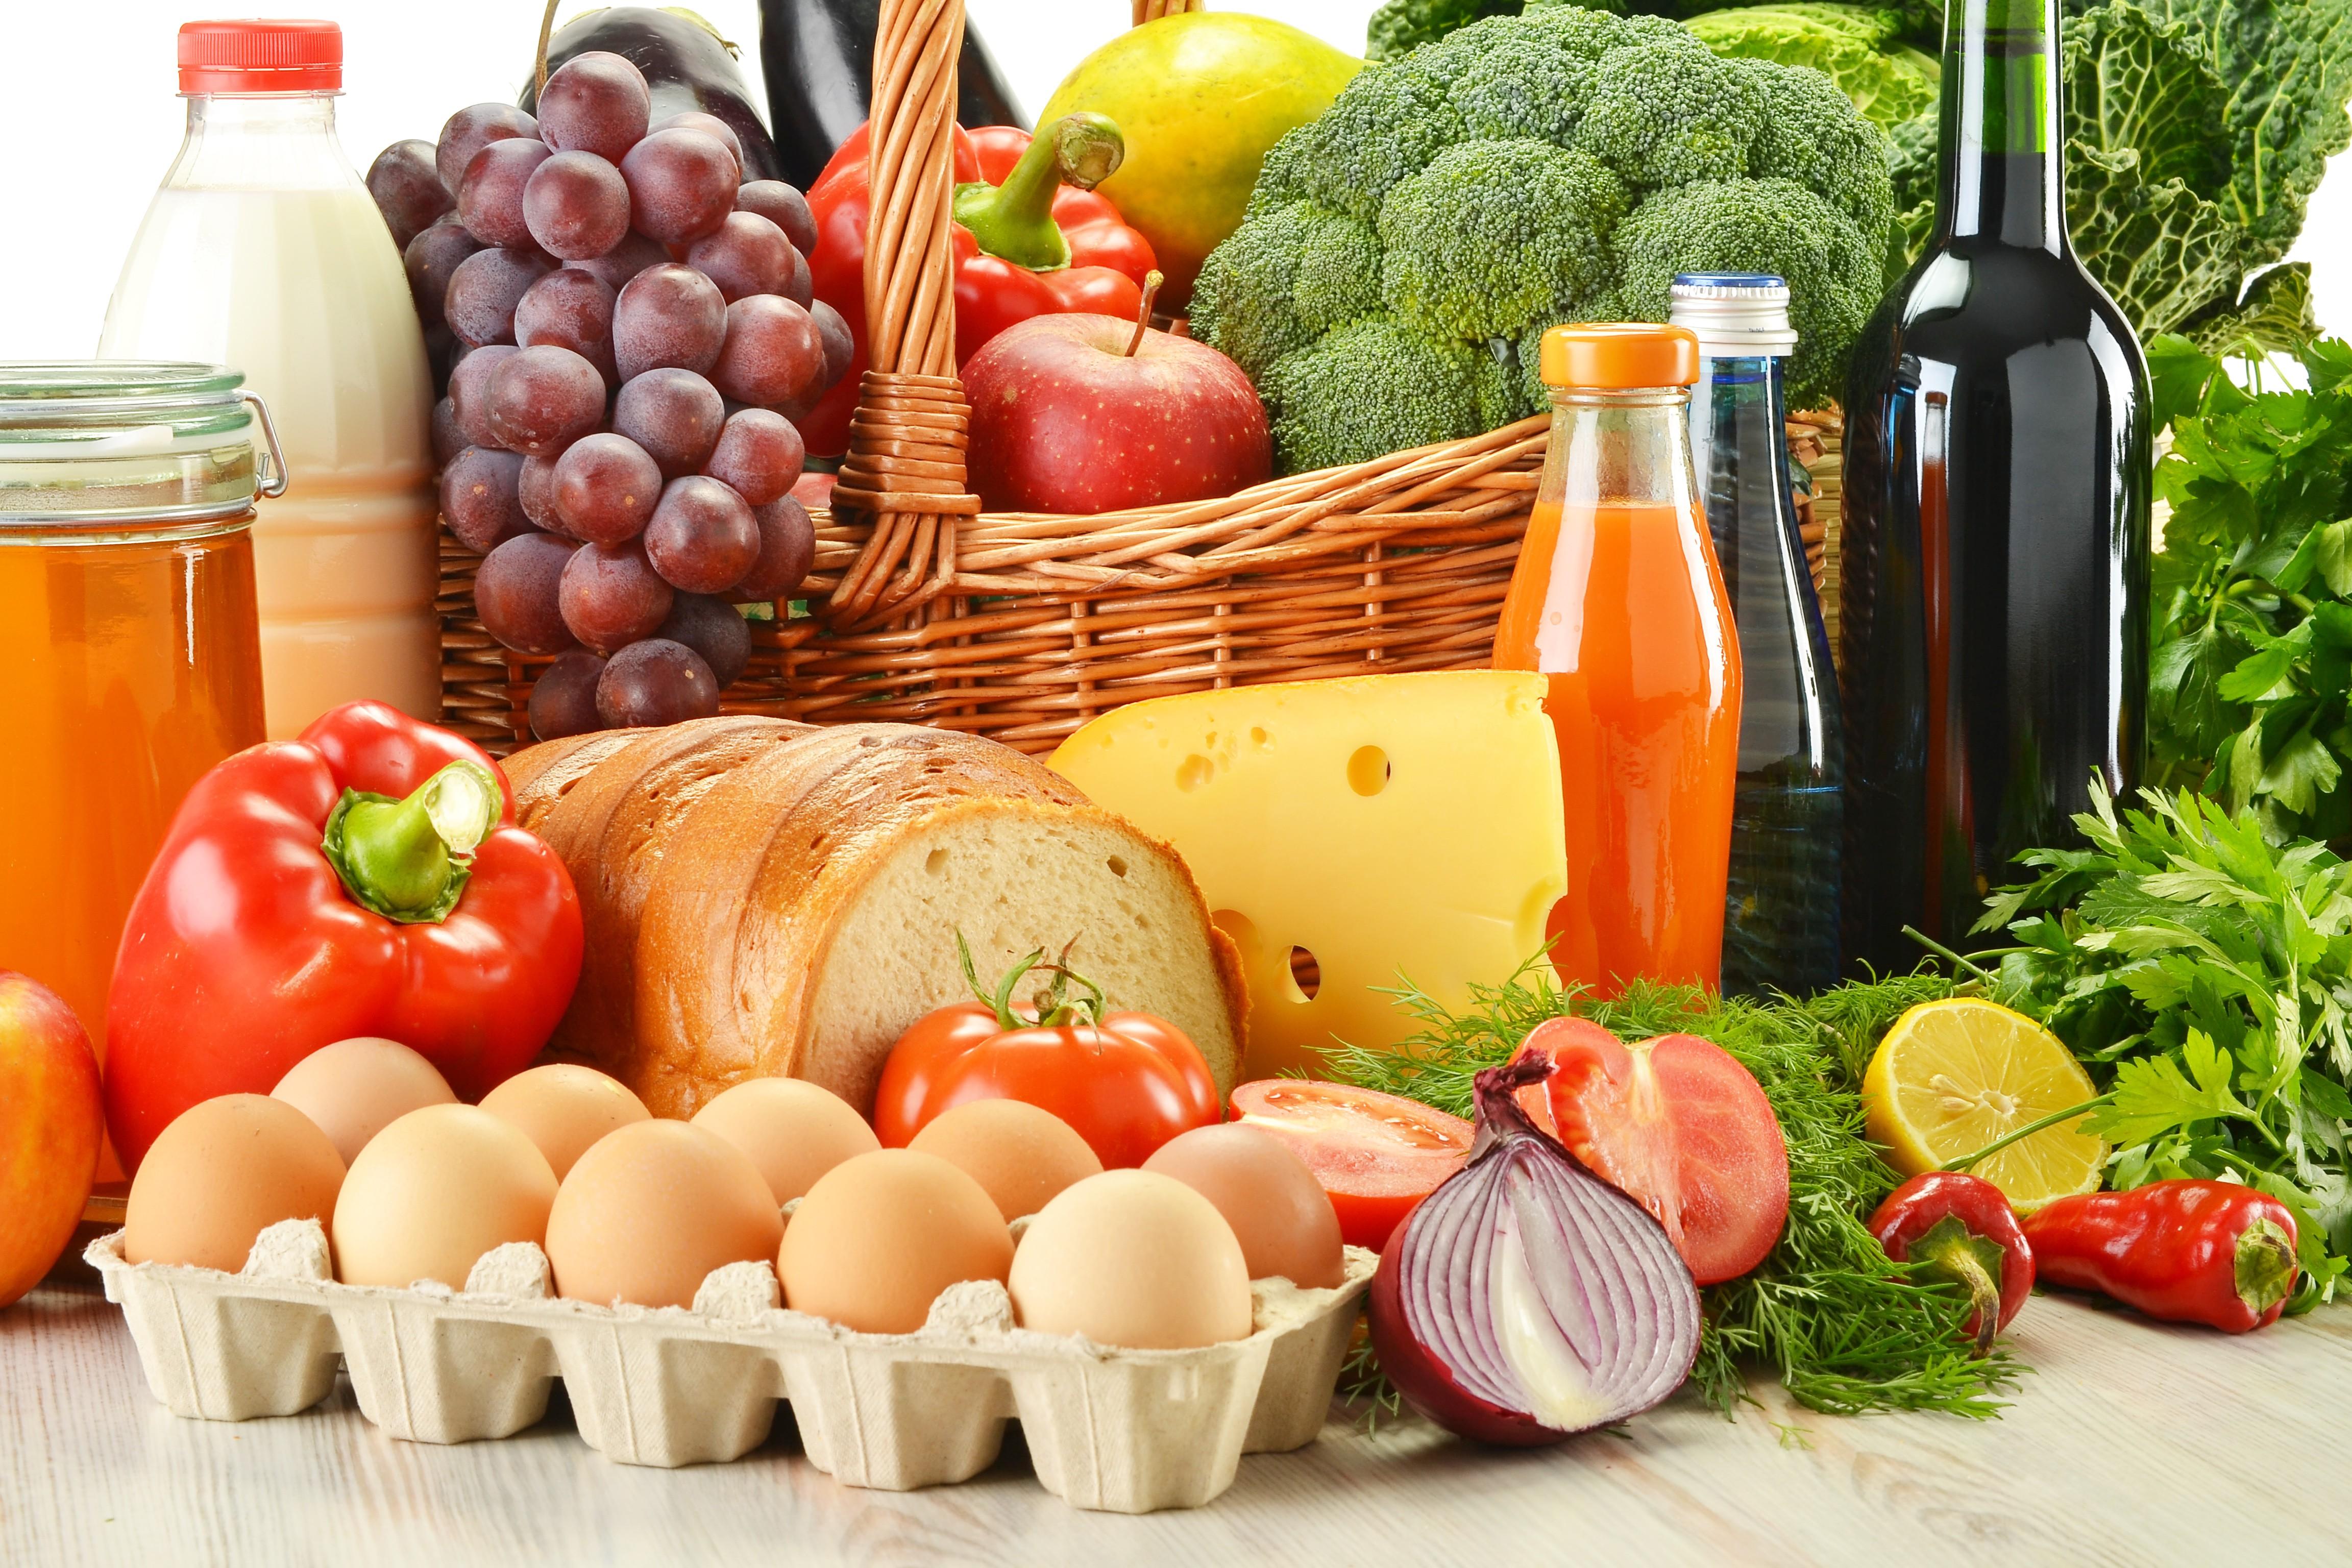 Прийнято Закон «Про державний контроль за дотриманням законодавства про харчові продукти, корми, побічні продукти тваринного походження, здоров'я та благополуччя тварин»